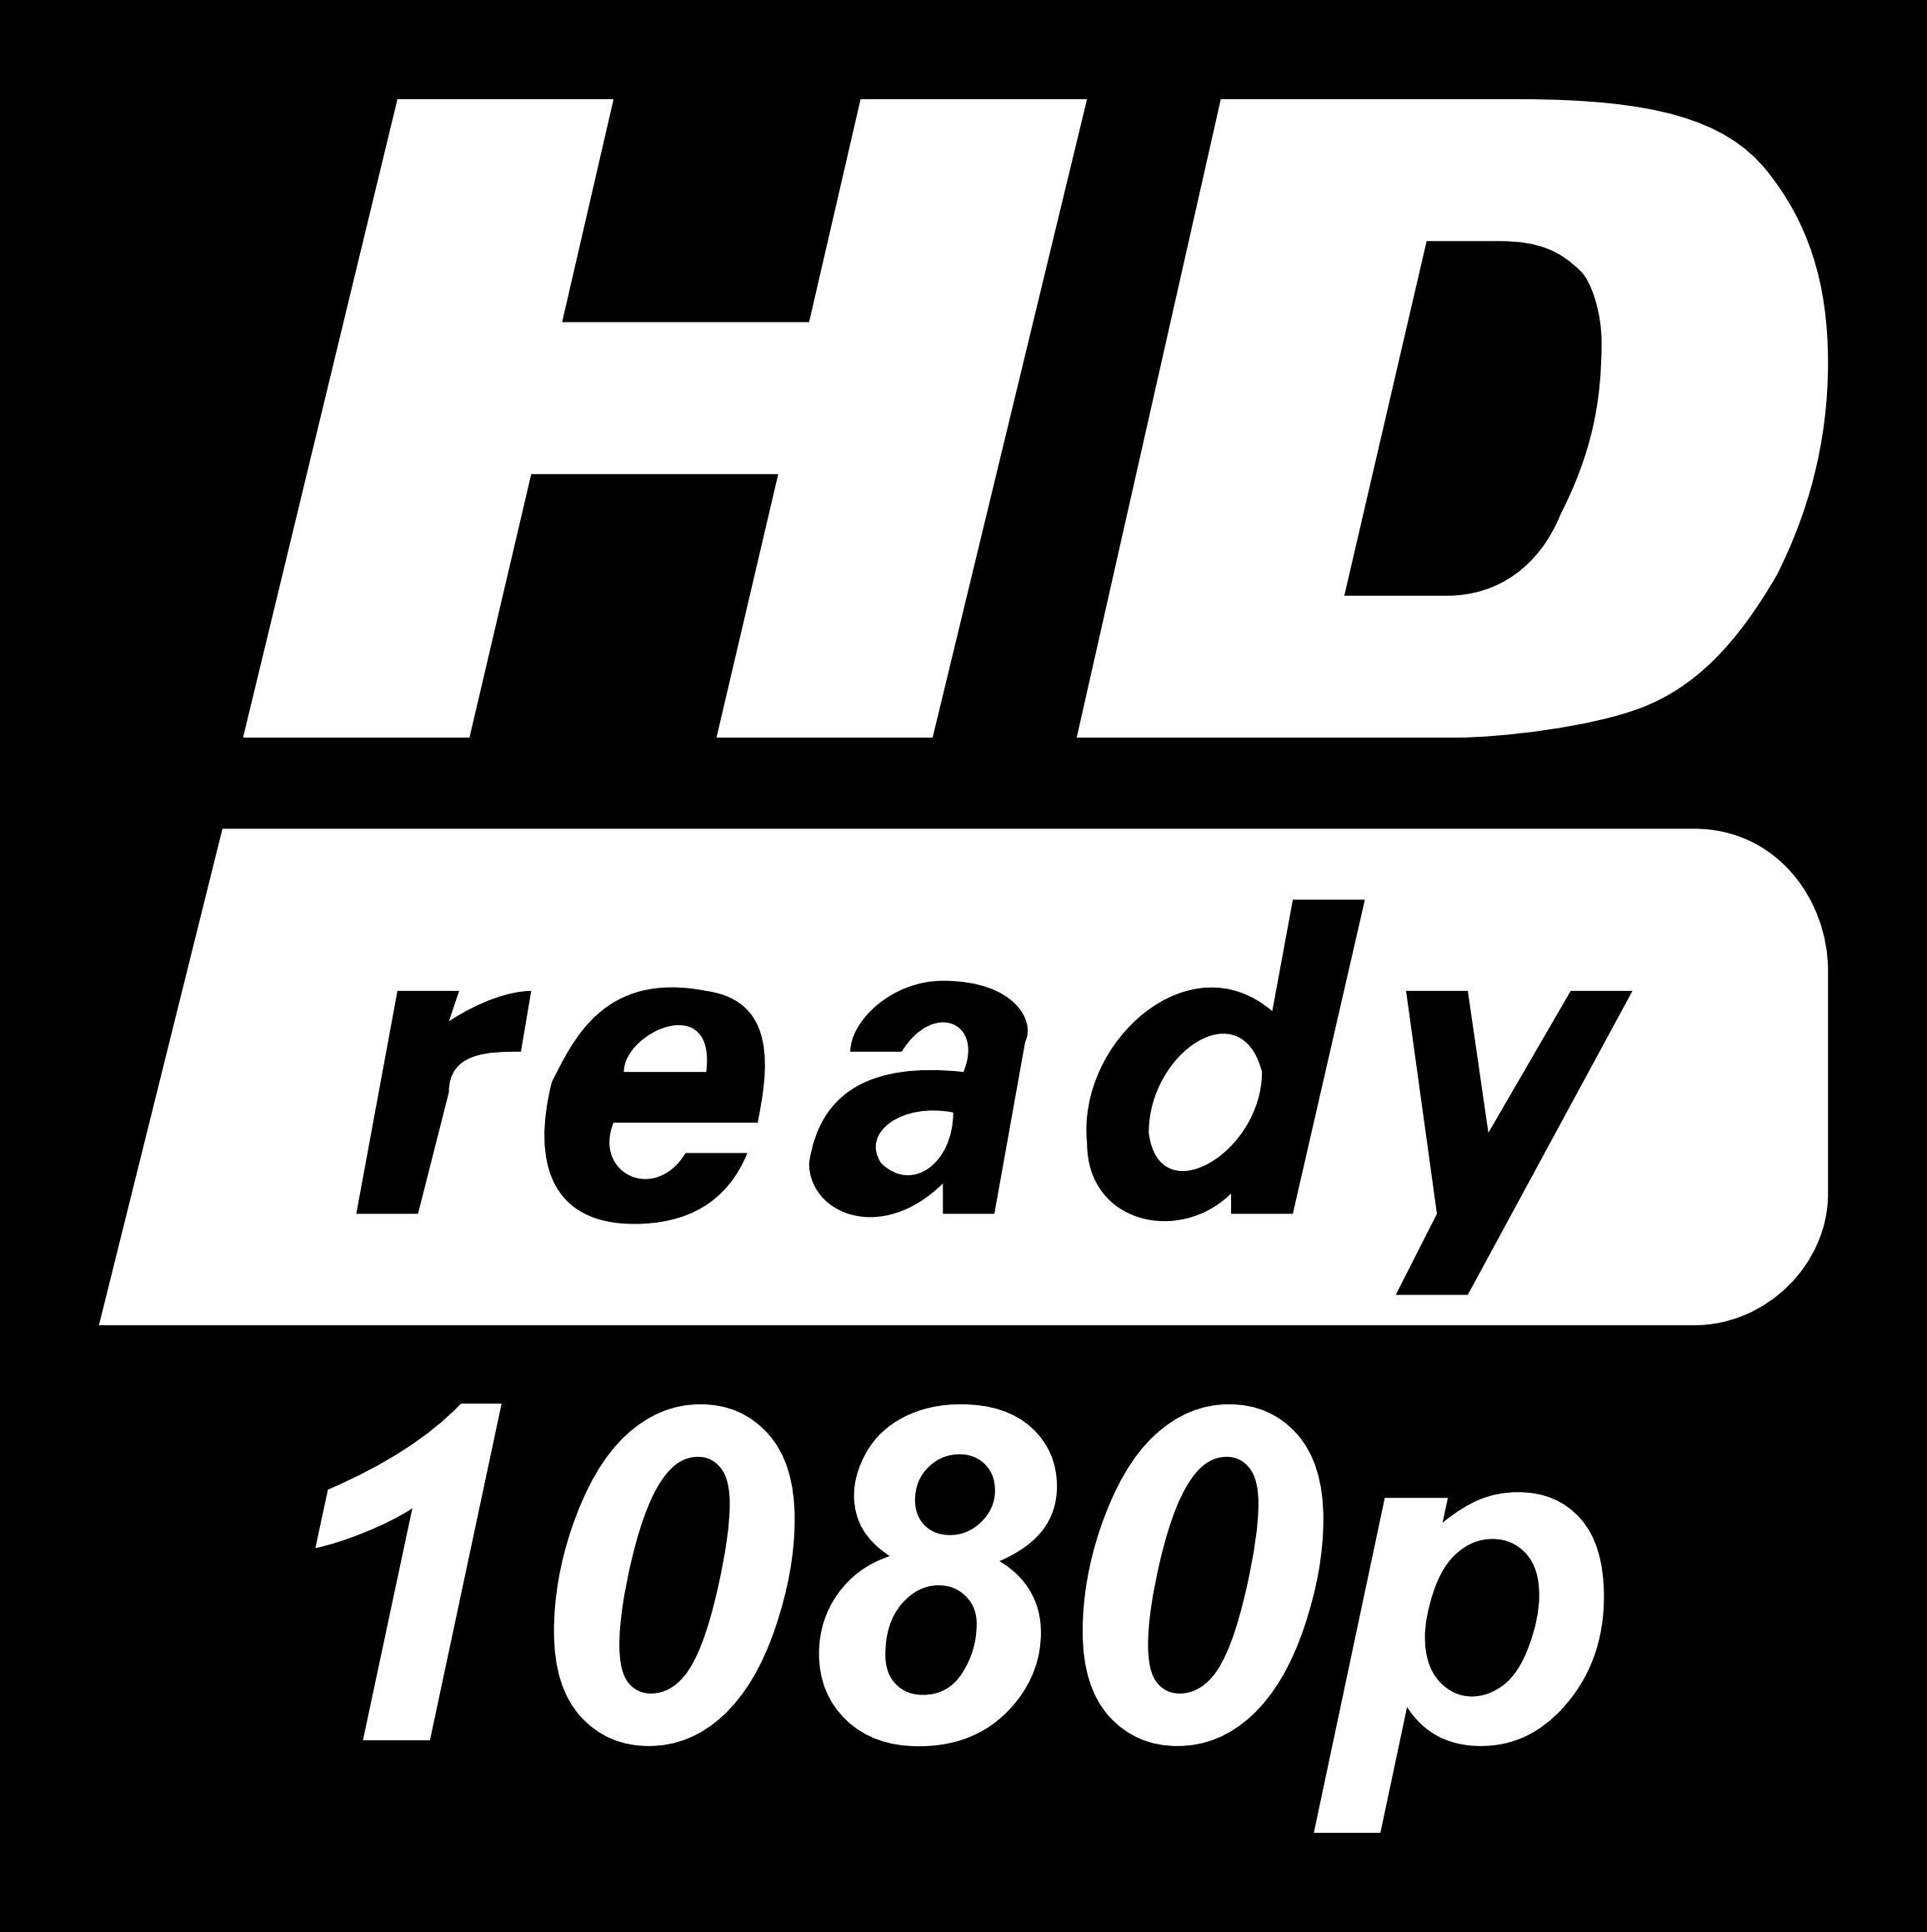 HD_ready_1080p_logo